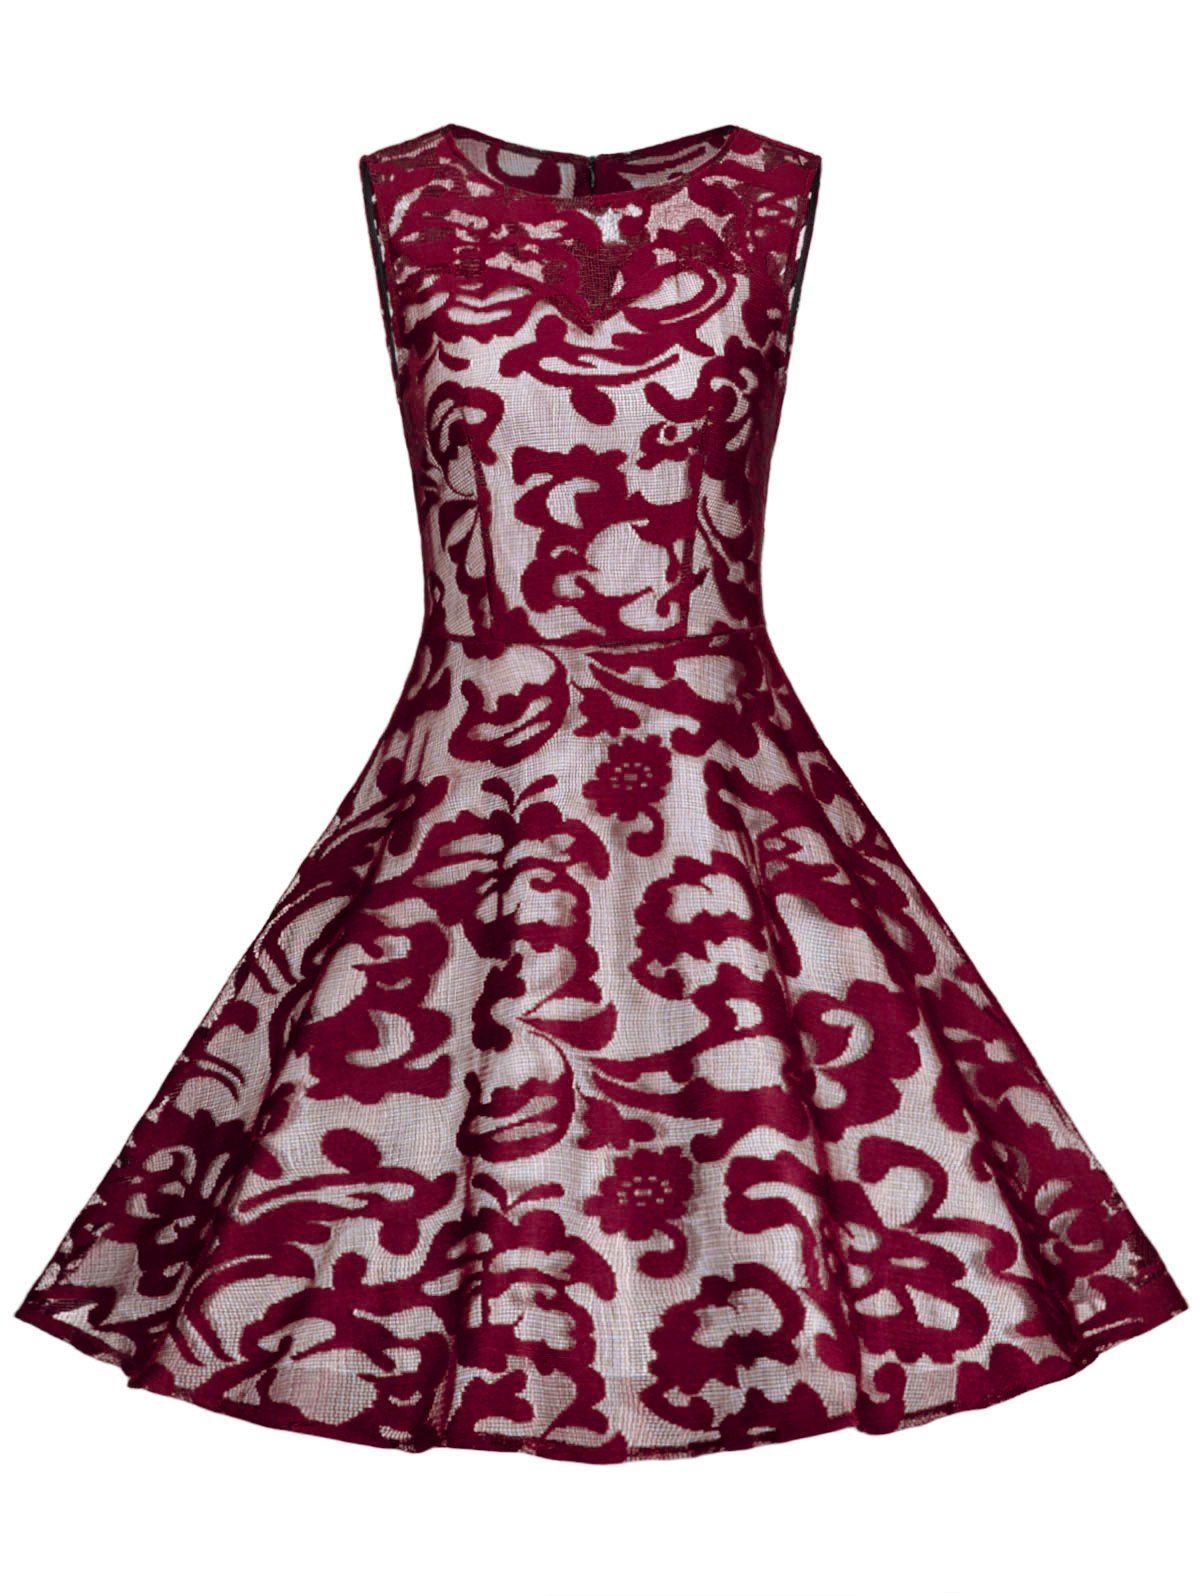 Sheer Vintage Lace Plus Size A Line Dress Věci Které Chci Koupit